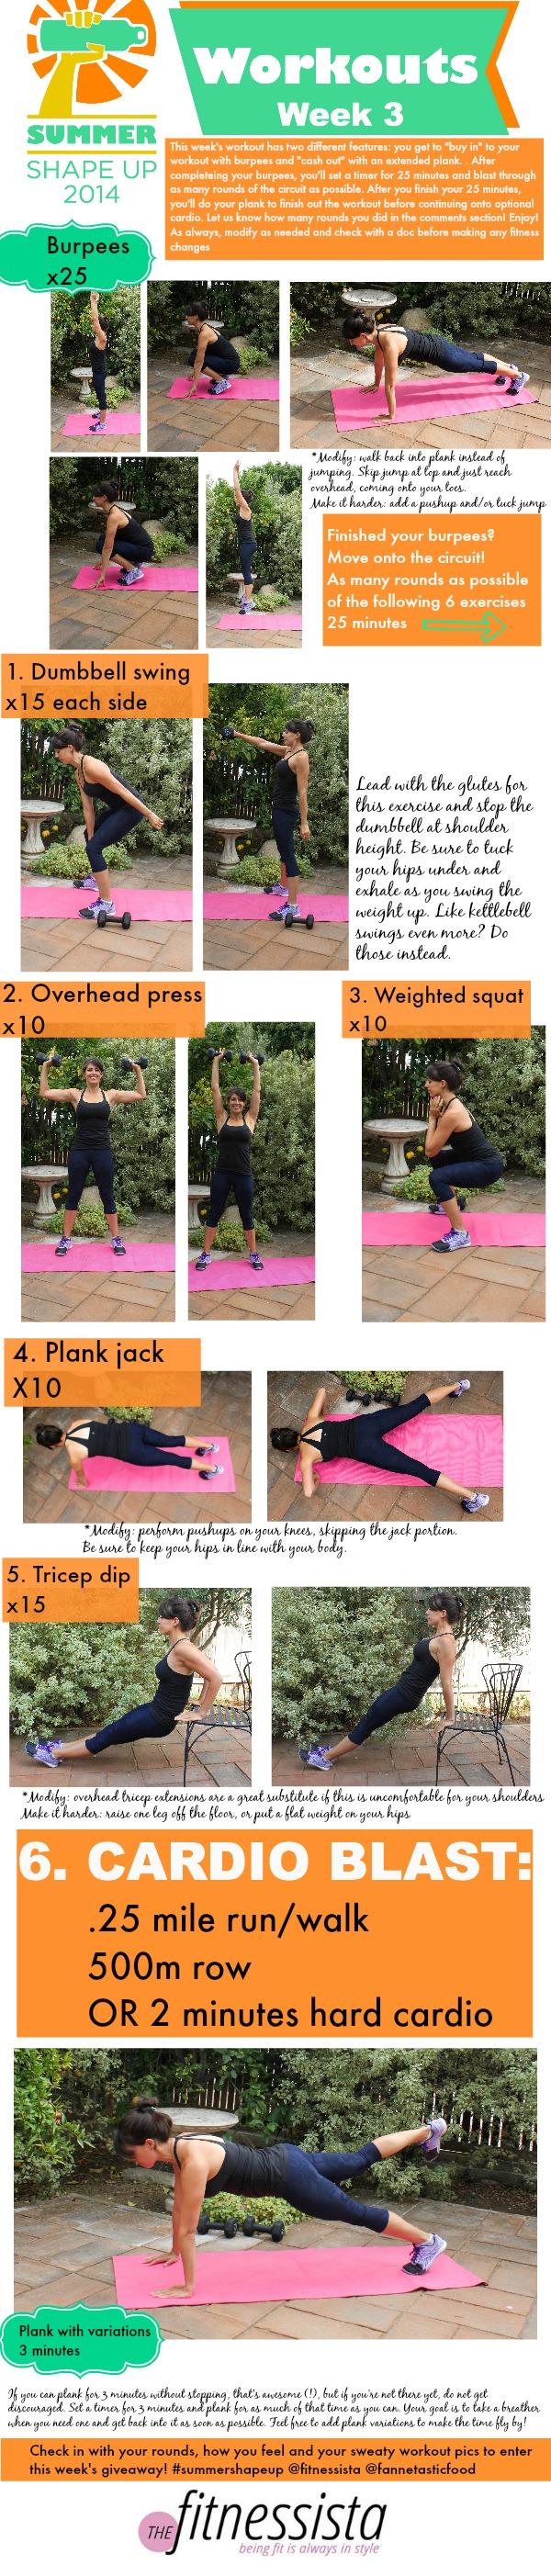 ssu2014 week 3 workout